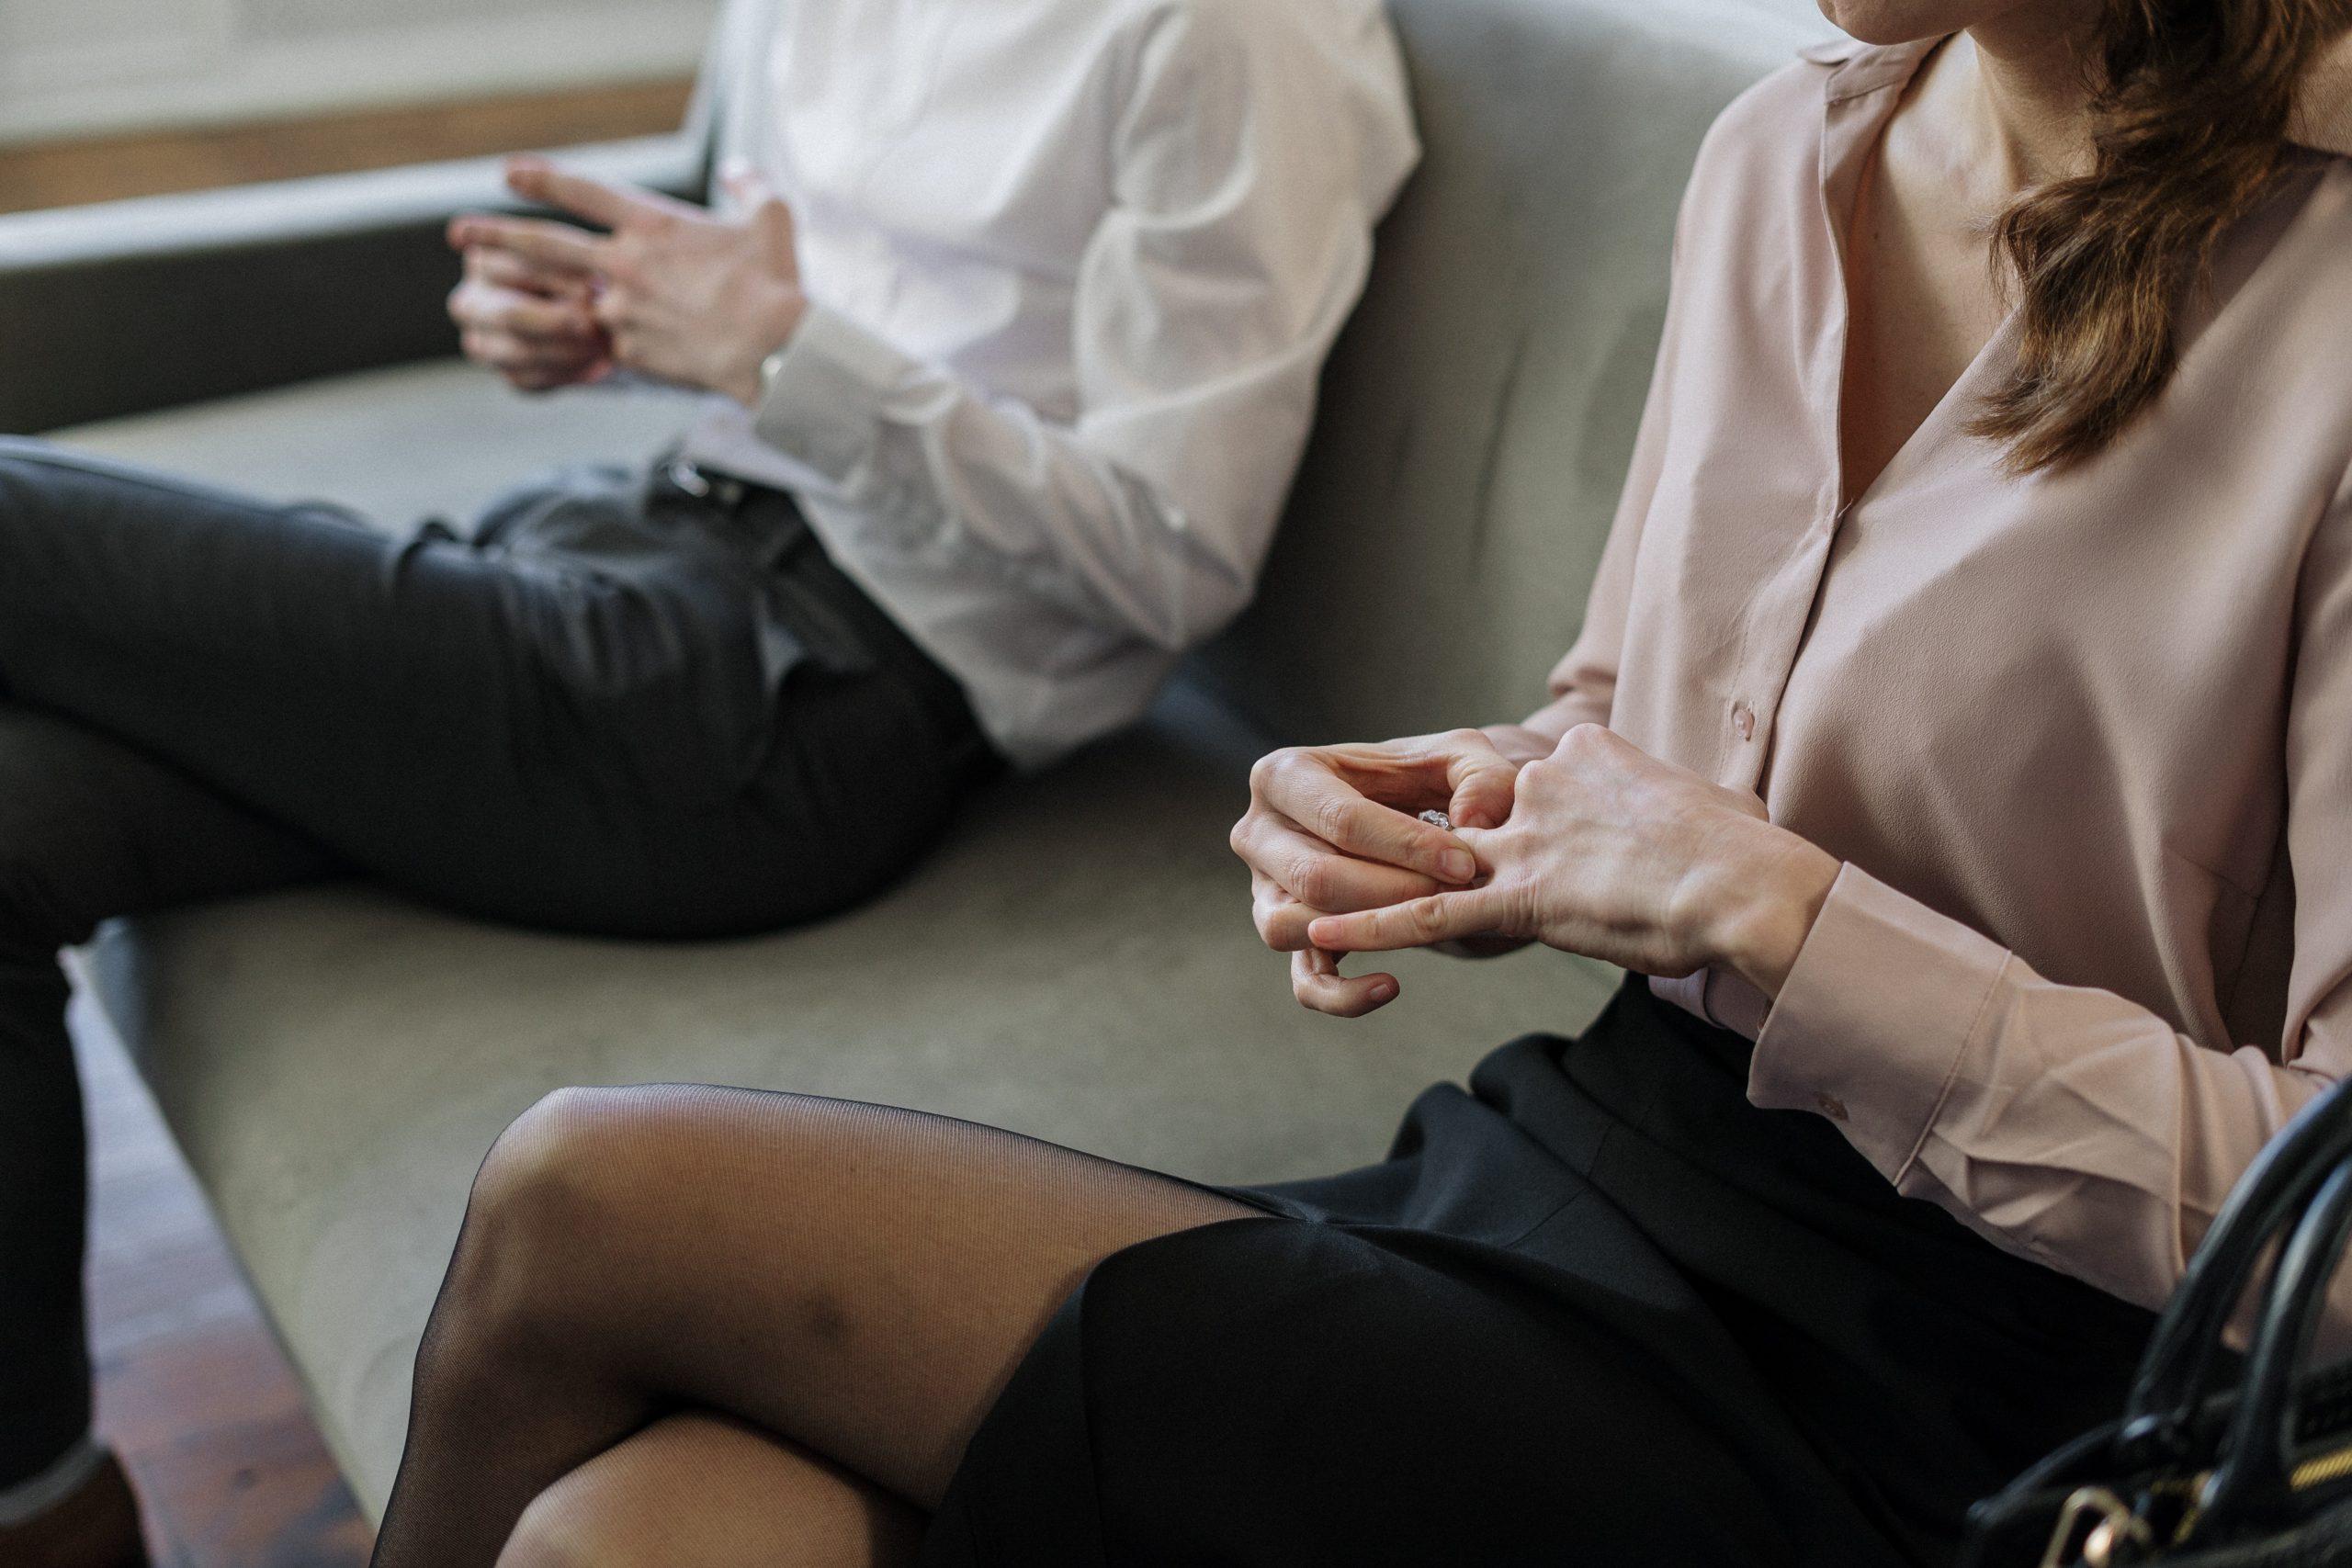 Divorcios, mudanzas y régimen de visitas en tiempos de COVID